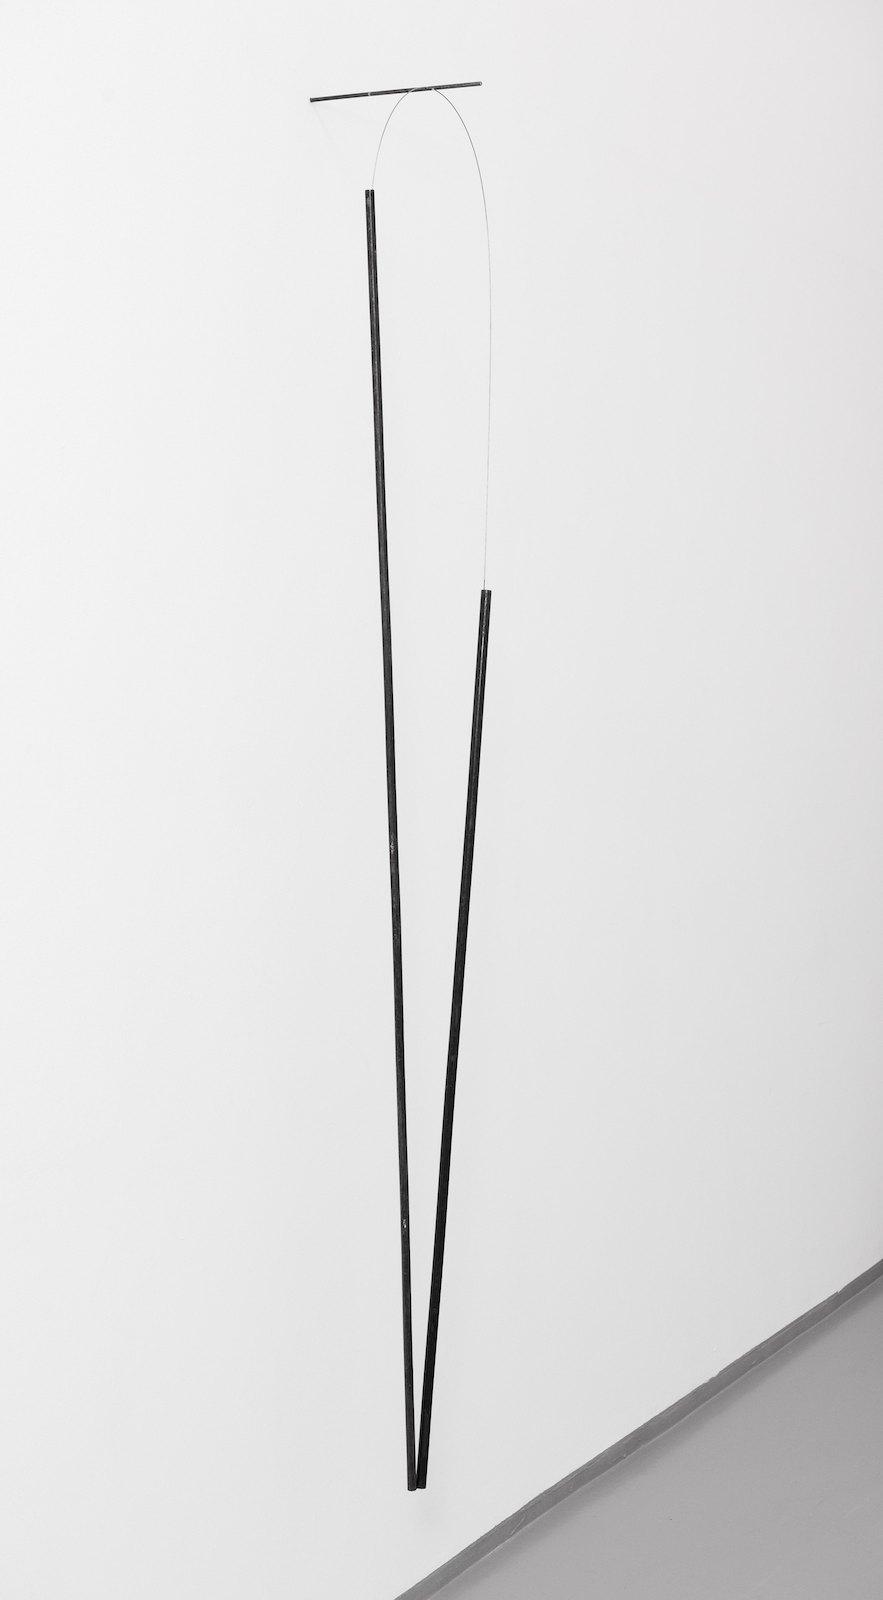 Sculpture III, 2010, steel, 200 x 25 x 28 cm